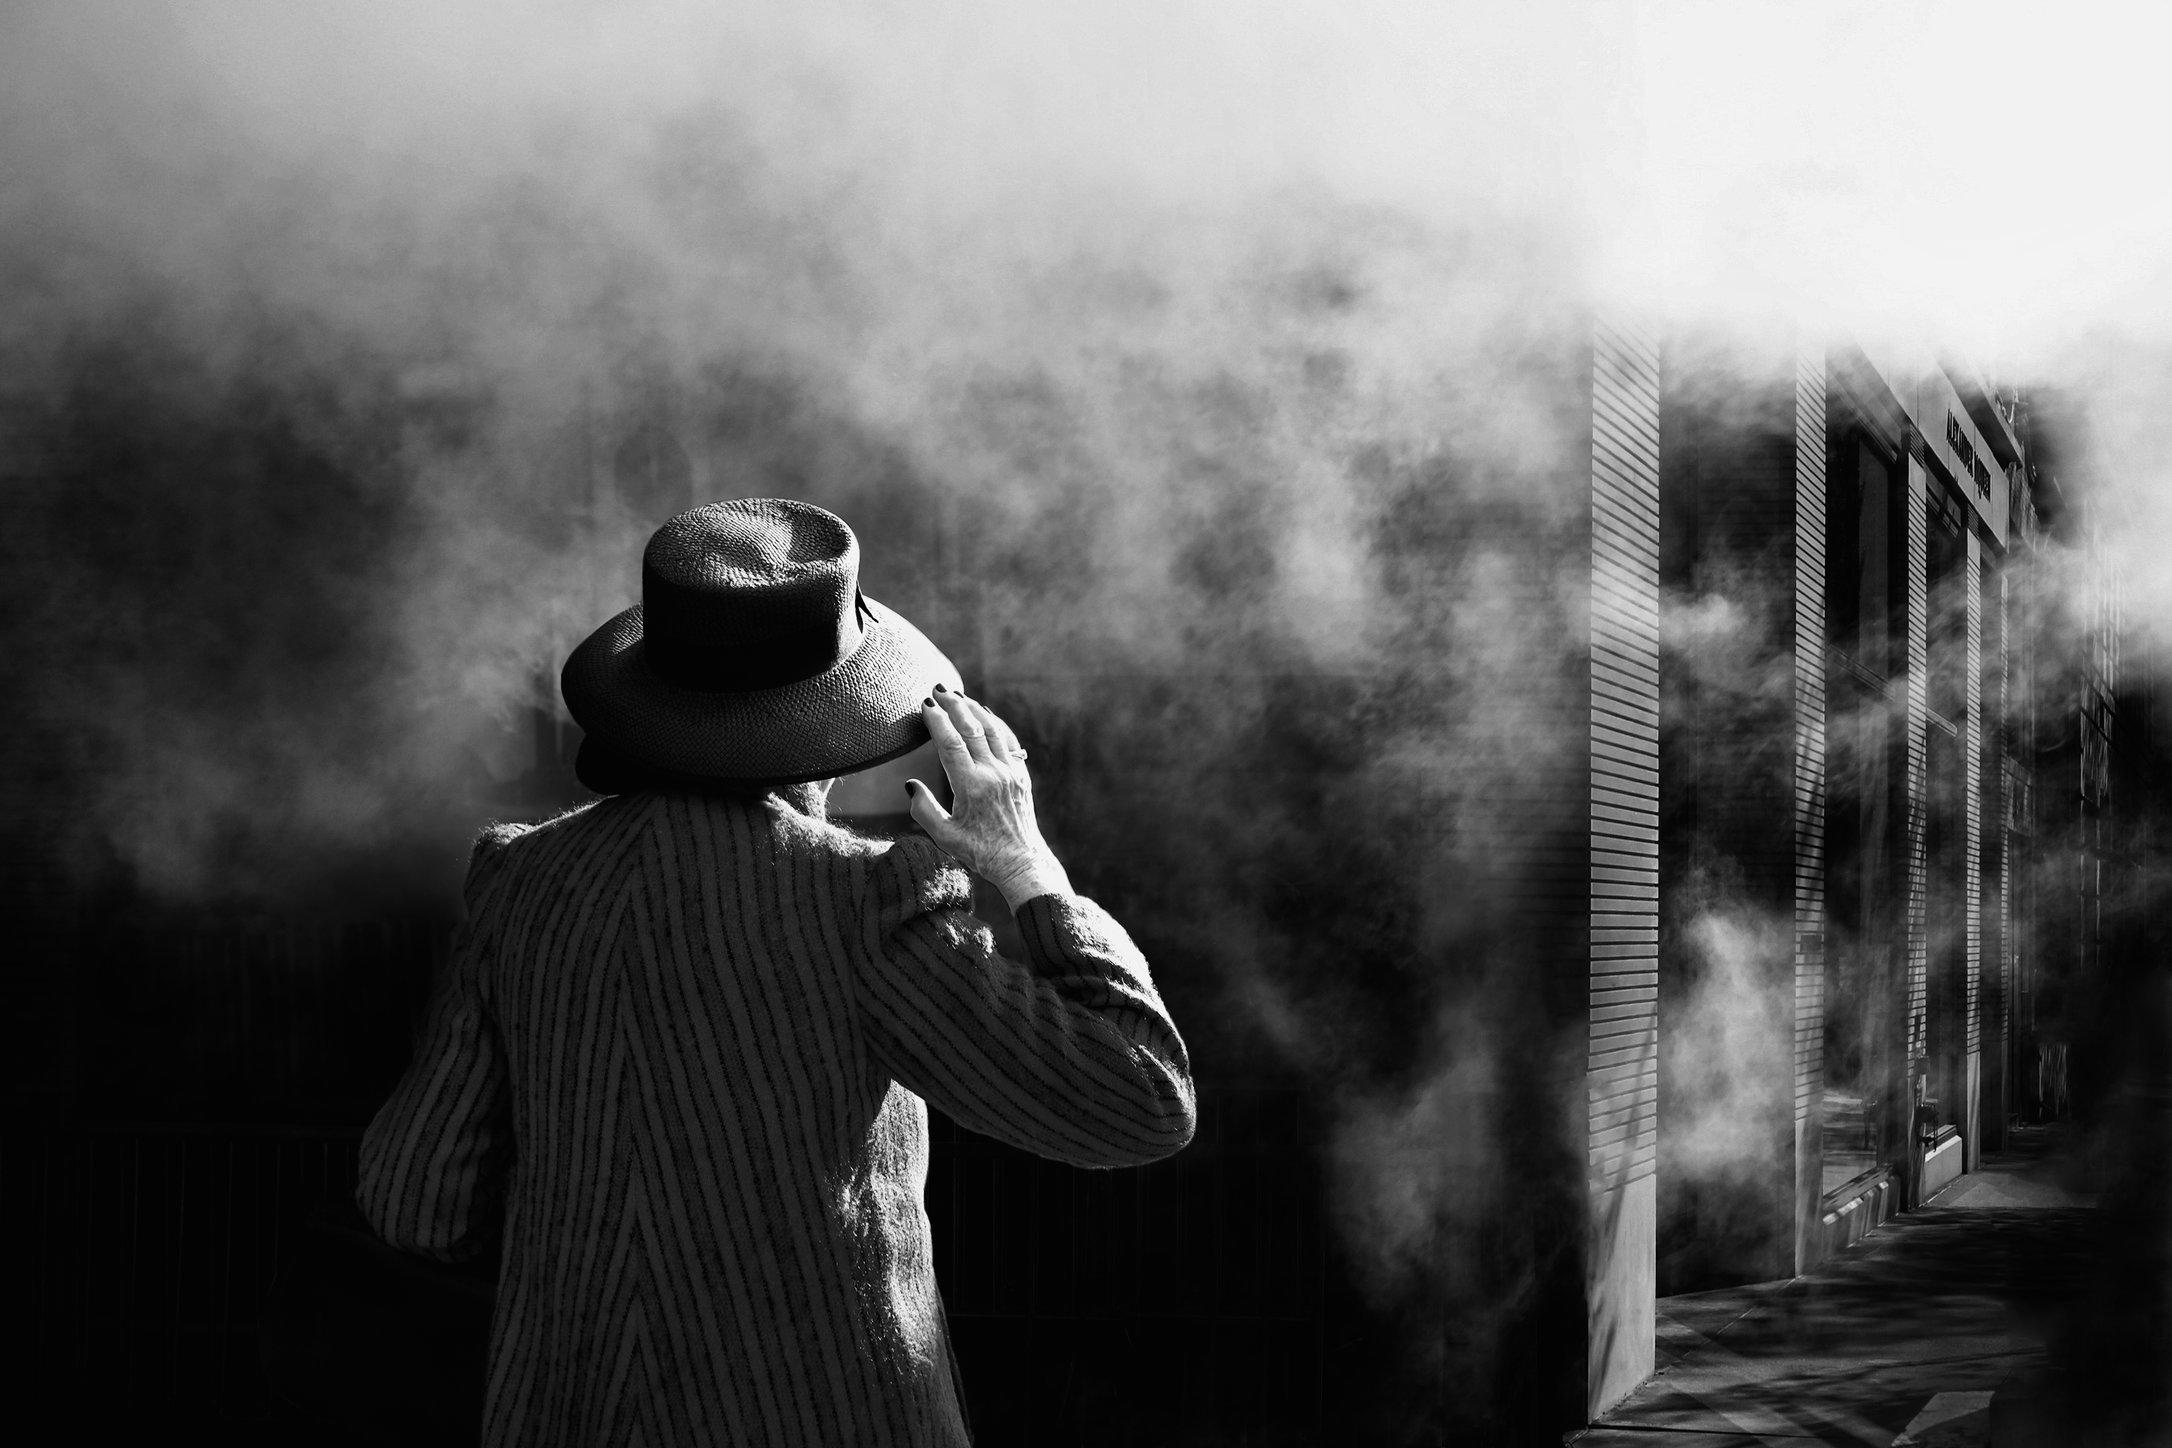 fog-hat-mono-final (1).jpg